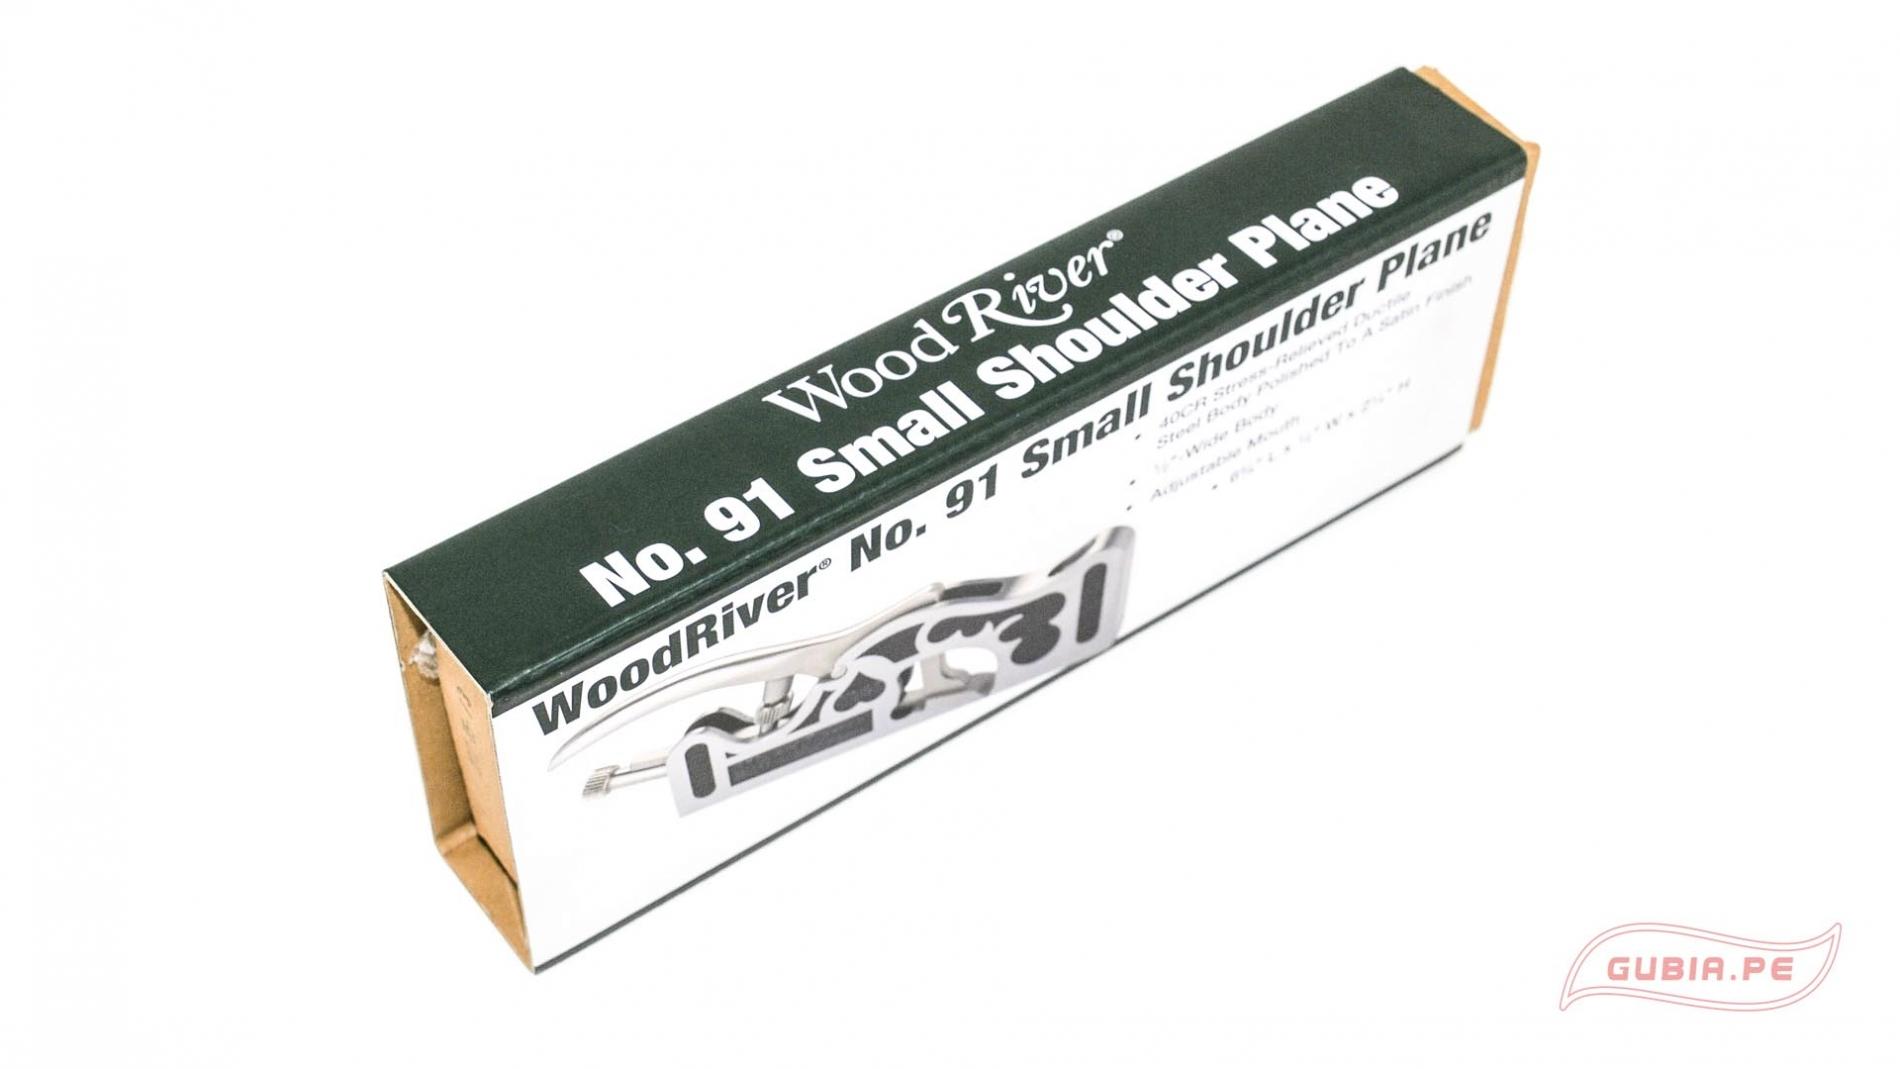 """159001-Cepillo 91 guillame 1/2"""" pequeño WoodRiver 159001-max-9."""